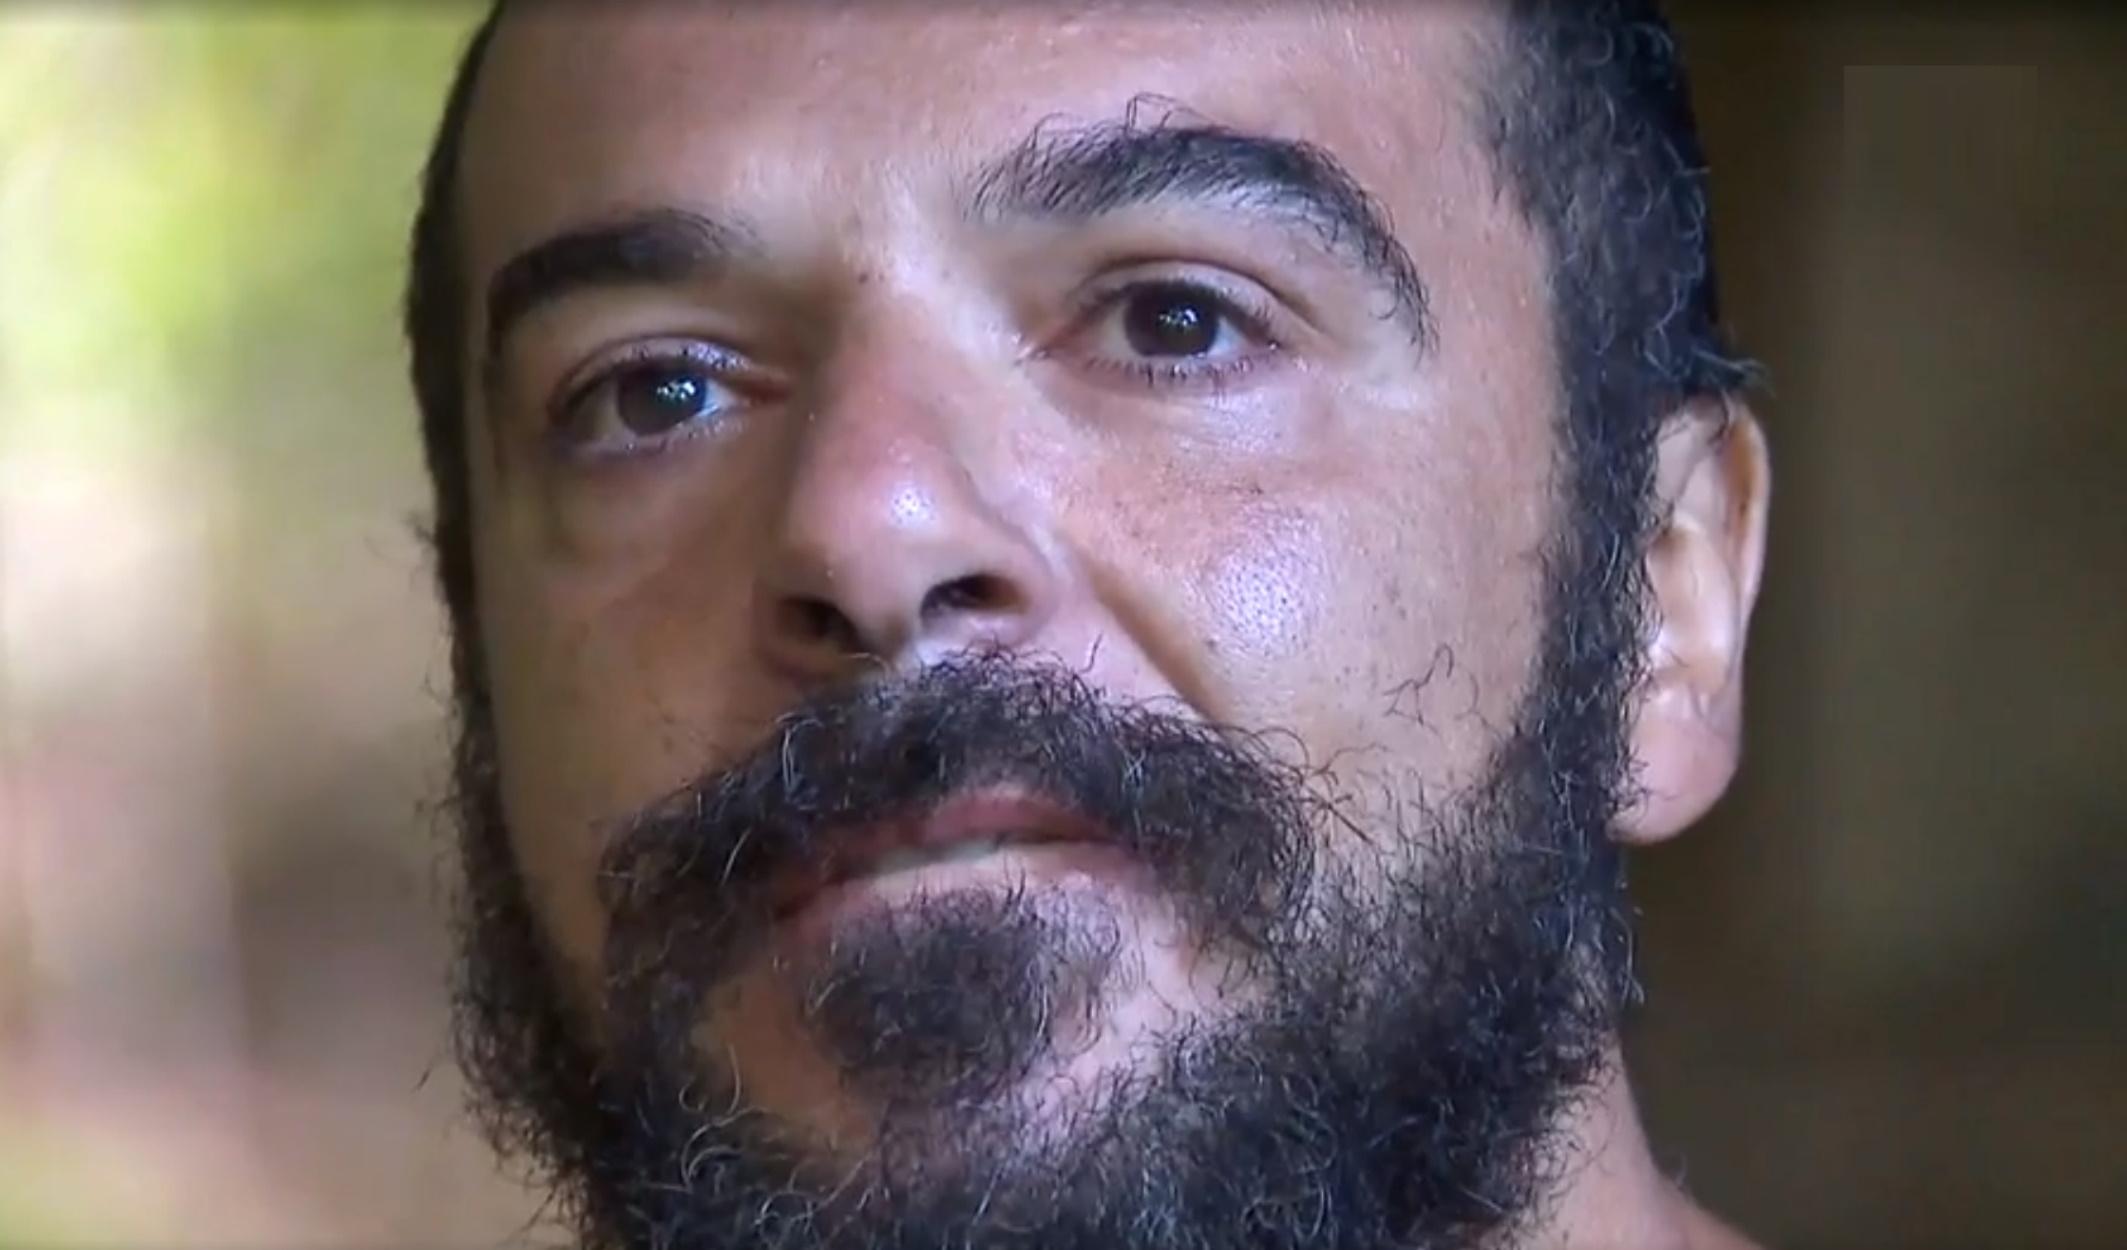 Survivor: Λύγισε ο Τριαντάφυλλος – Τι είπε ο Γιώργος Λιανός για τις αλλαγές στους κανονισμούς